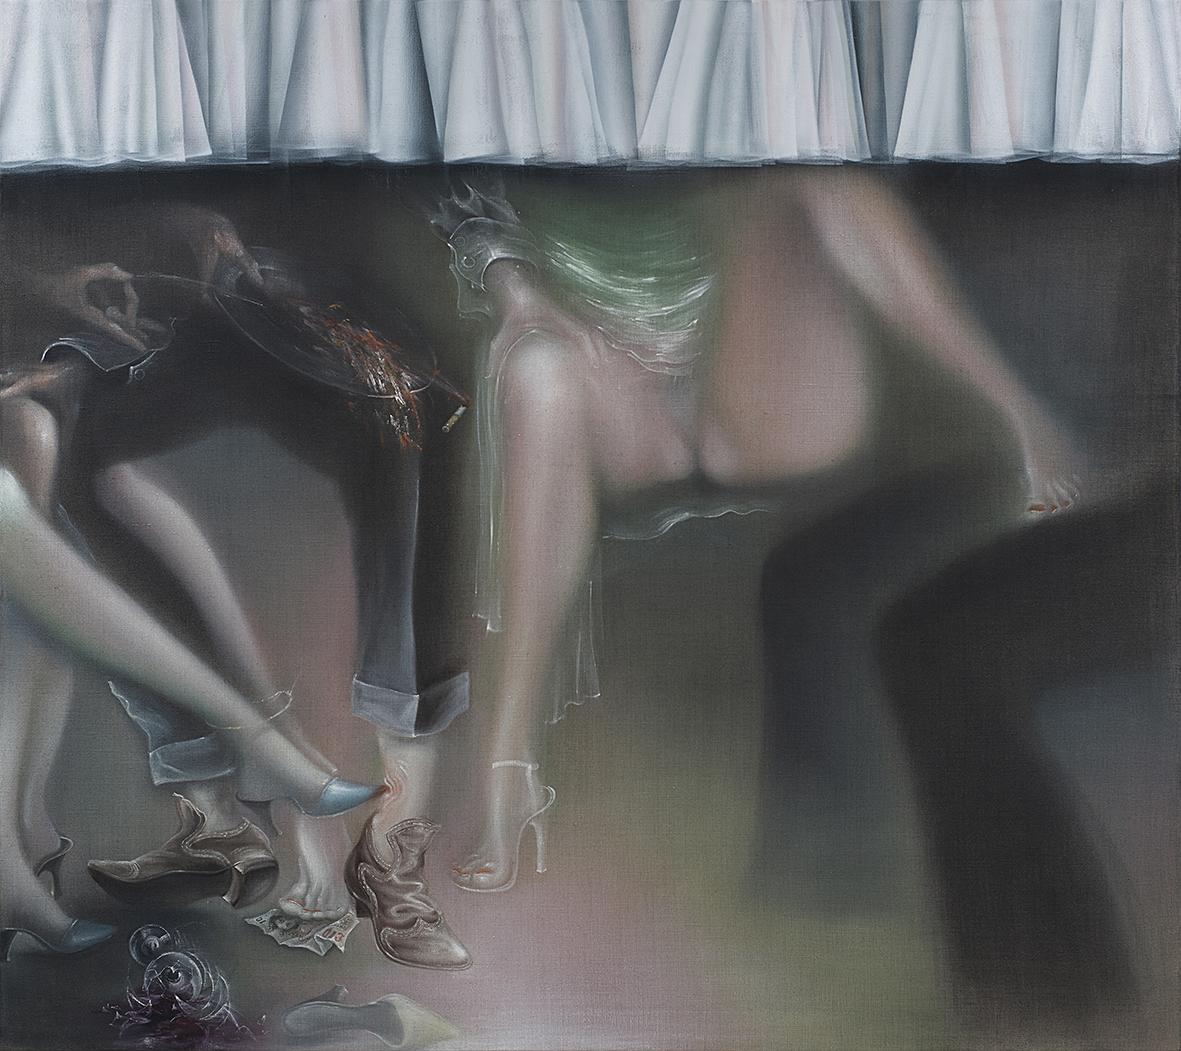 Nicht Abgeschlossenes, Nichts Beständiges, Nichts Ruhendes 2013, 170x190 cm, Oil on raw canvas